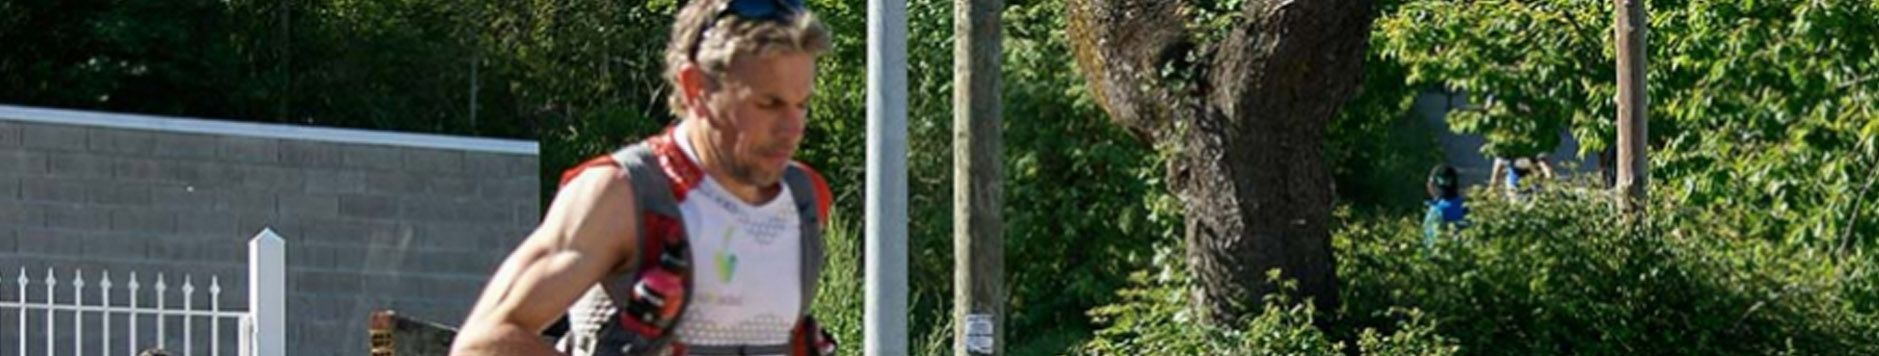 101 Km Peregrinos: Maratón 48 Km